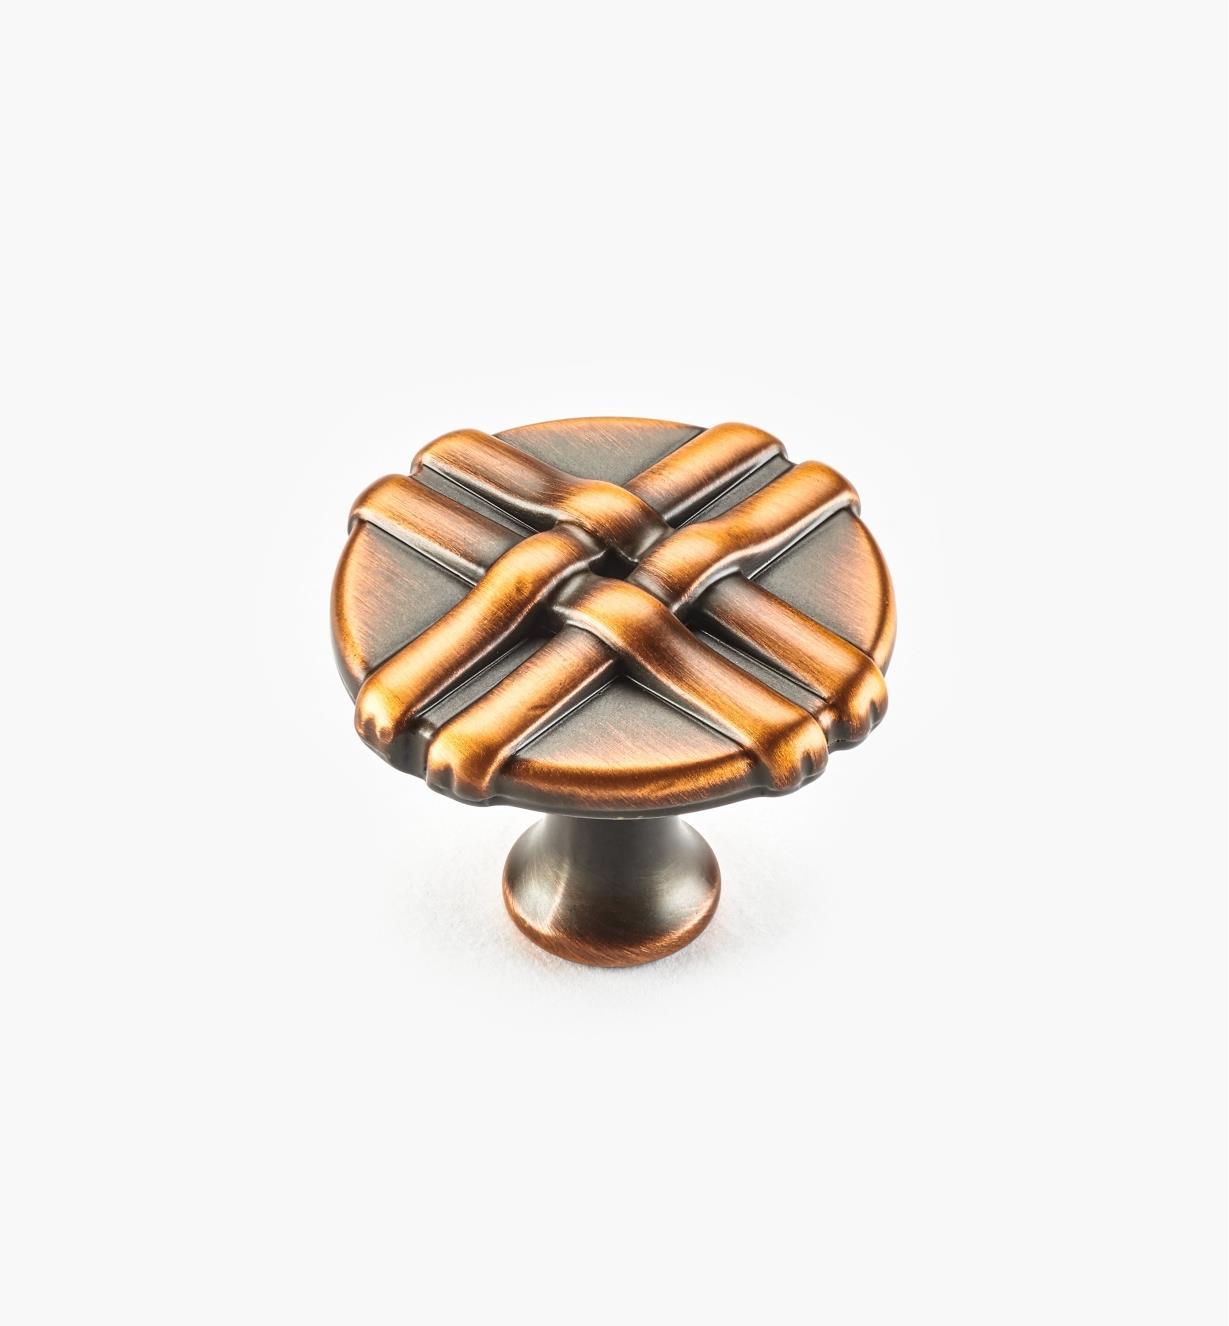 01W0632 - Bouton rubané de 34 mm, fini cuivre antique brossé